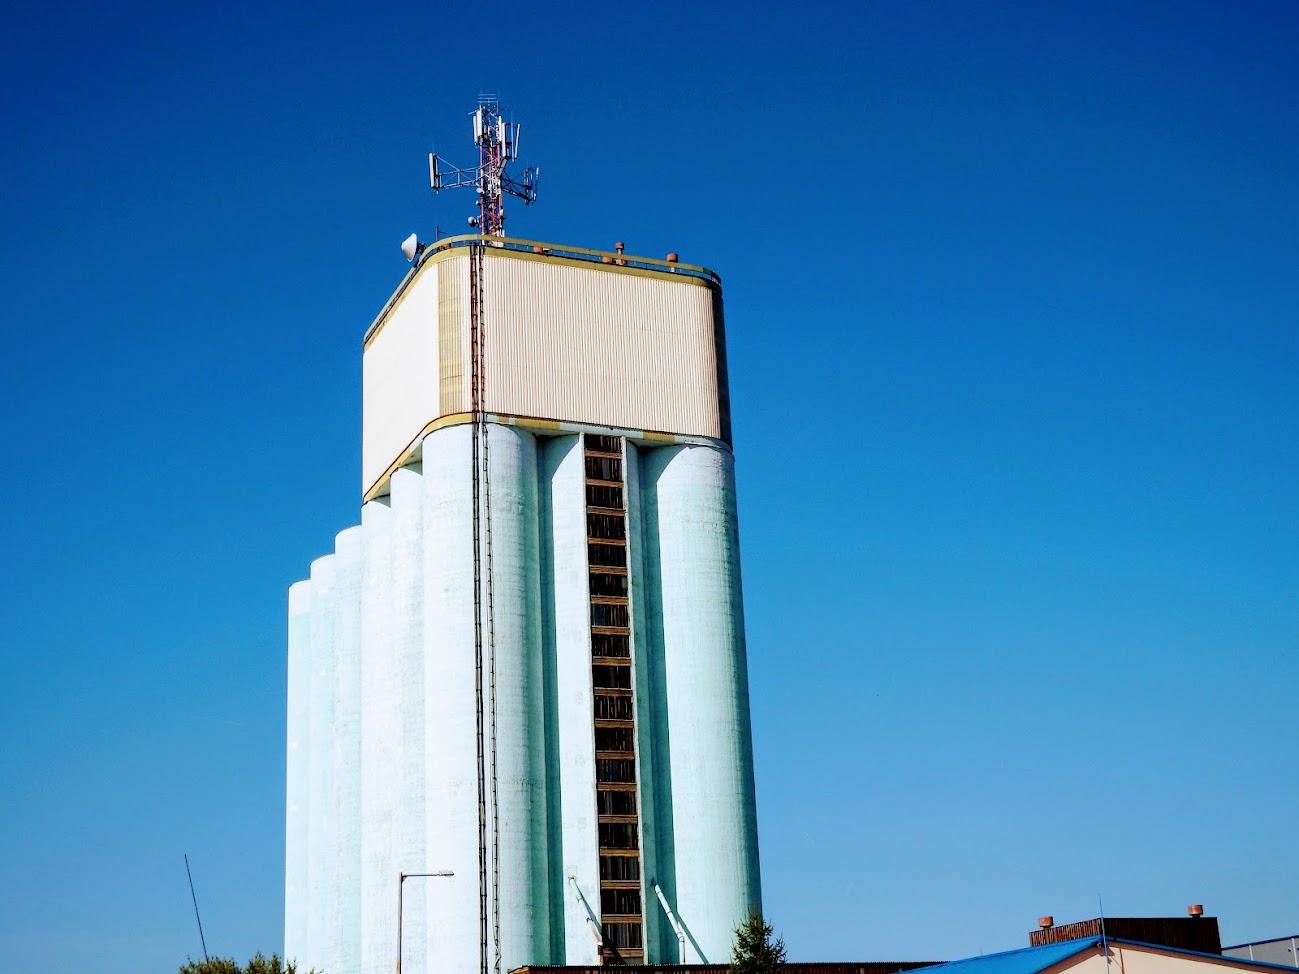 Gyöngyös/gabonatároló - helyi URH-FM adóállomás